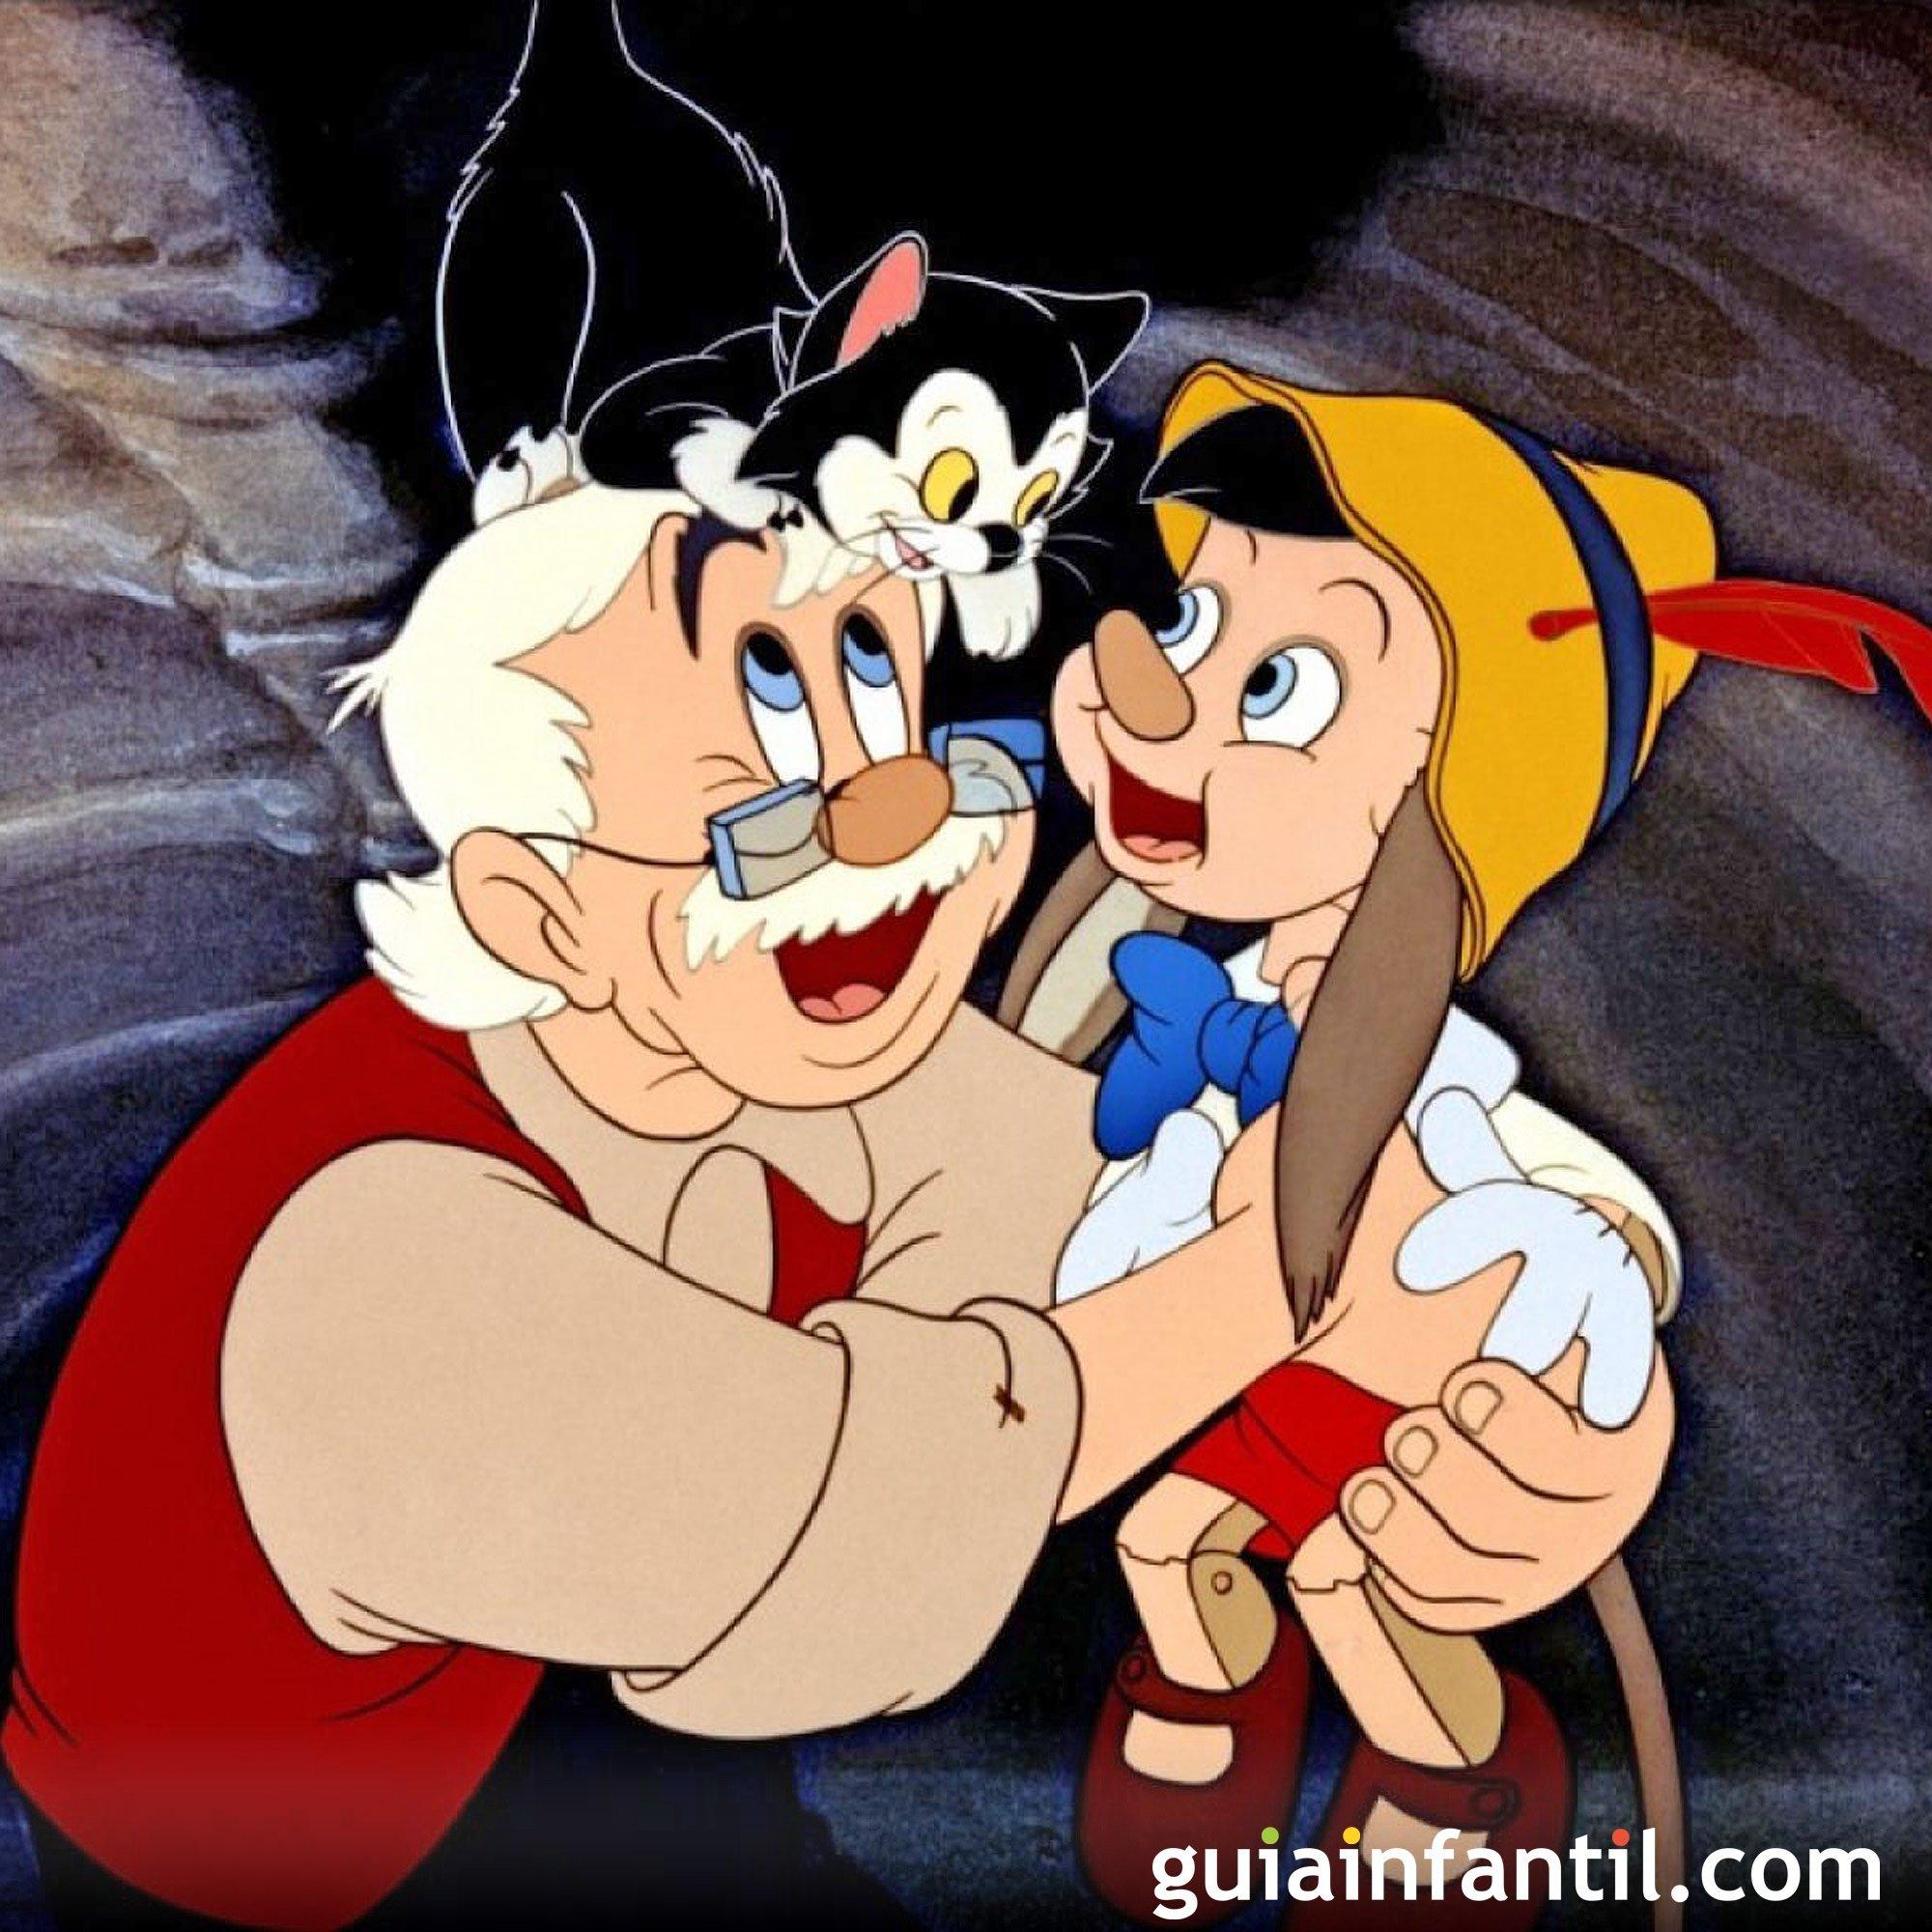 Pinocho. Clásico de Disney sobre los papás